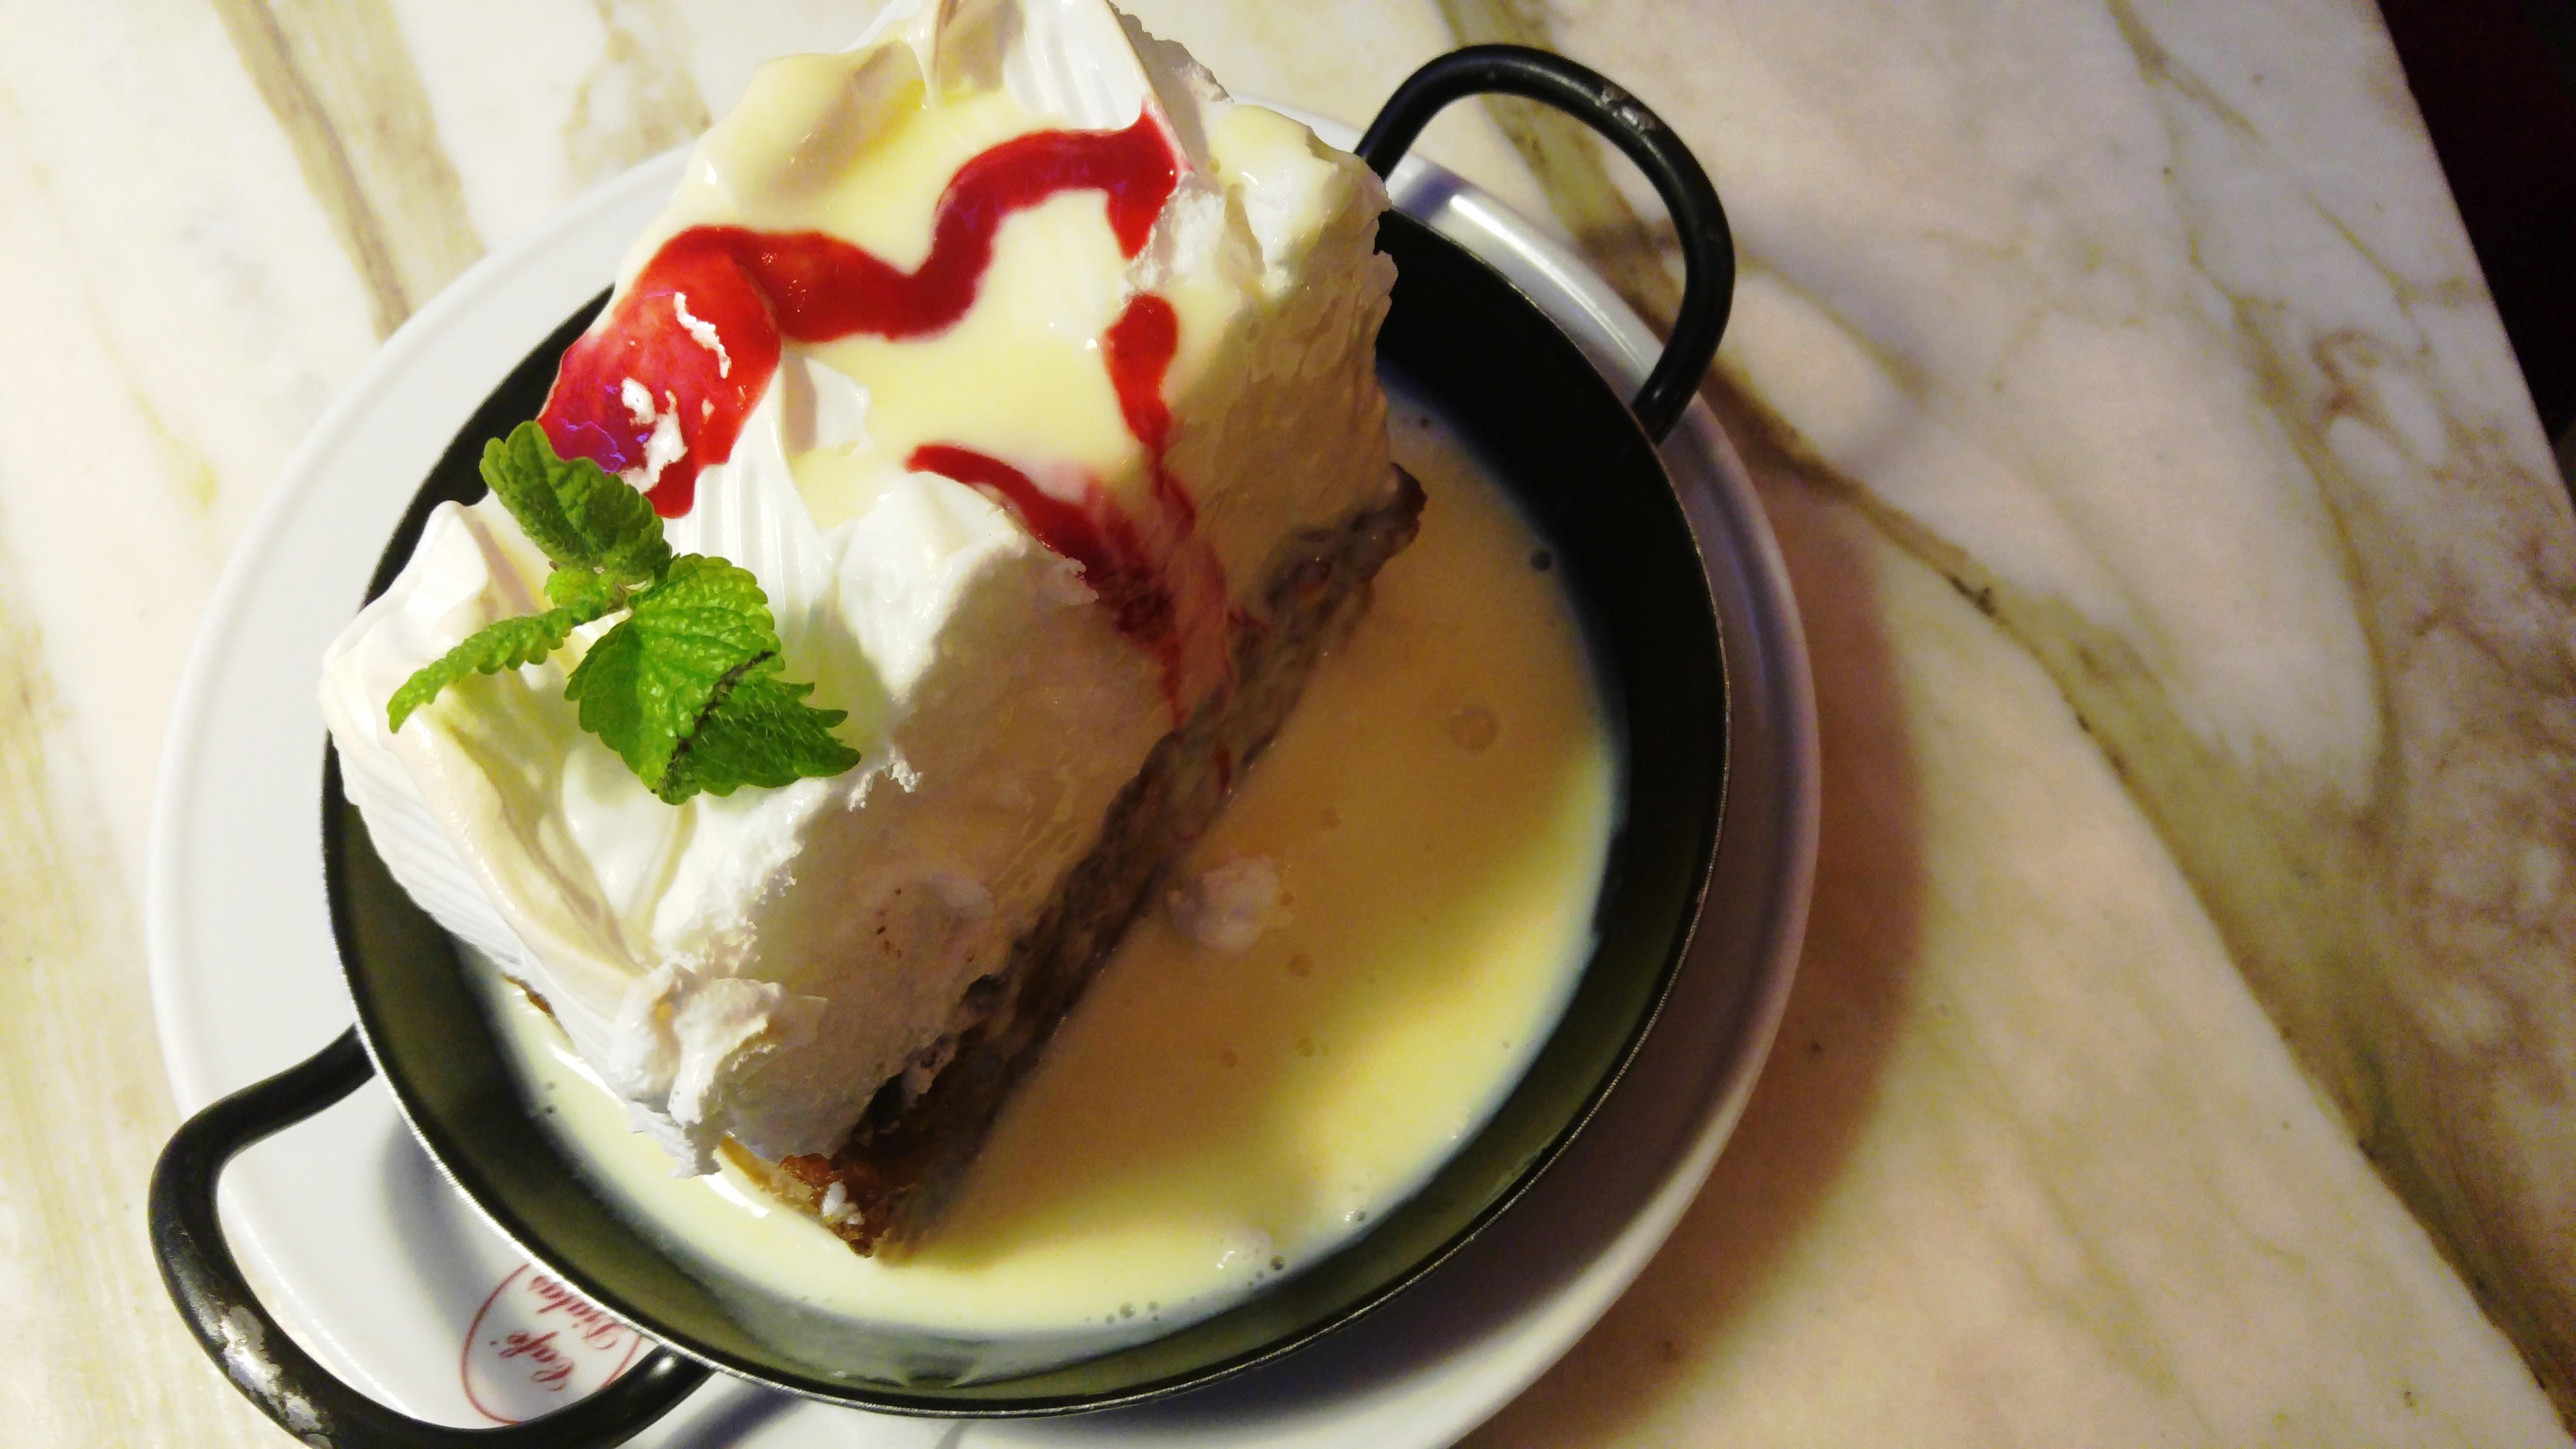 Bild des Desserts Scheiterhaufen